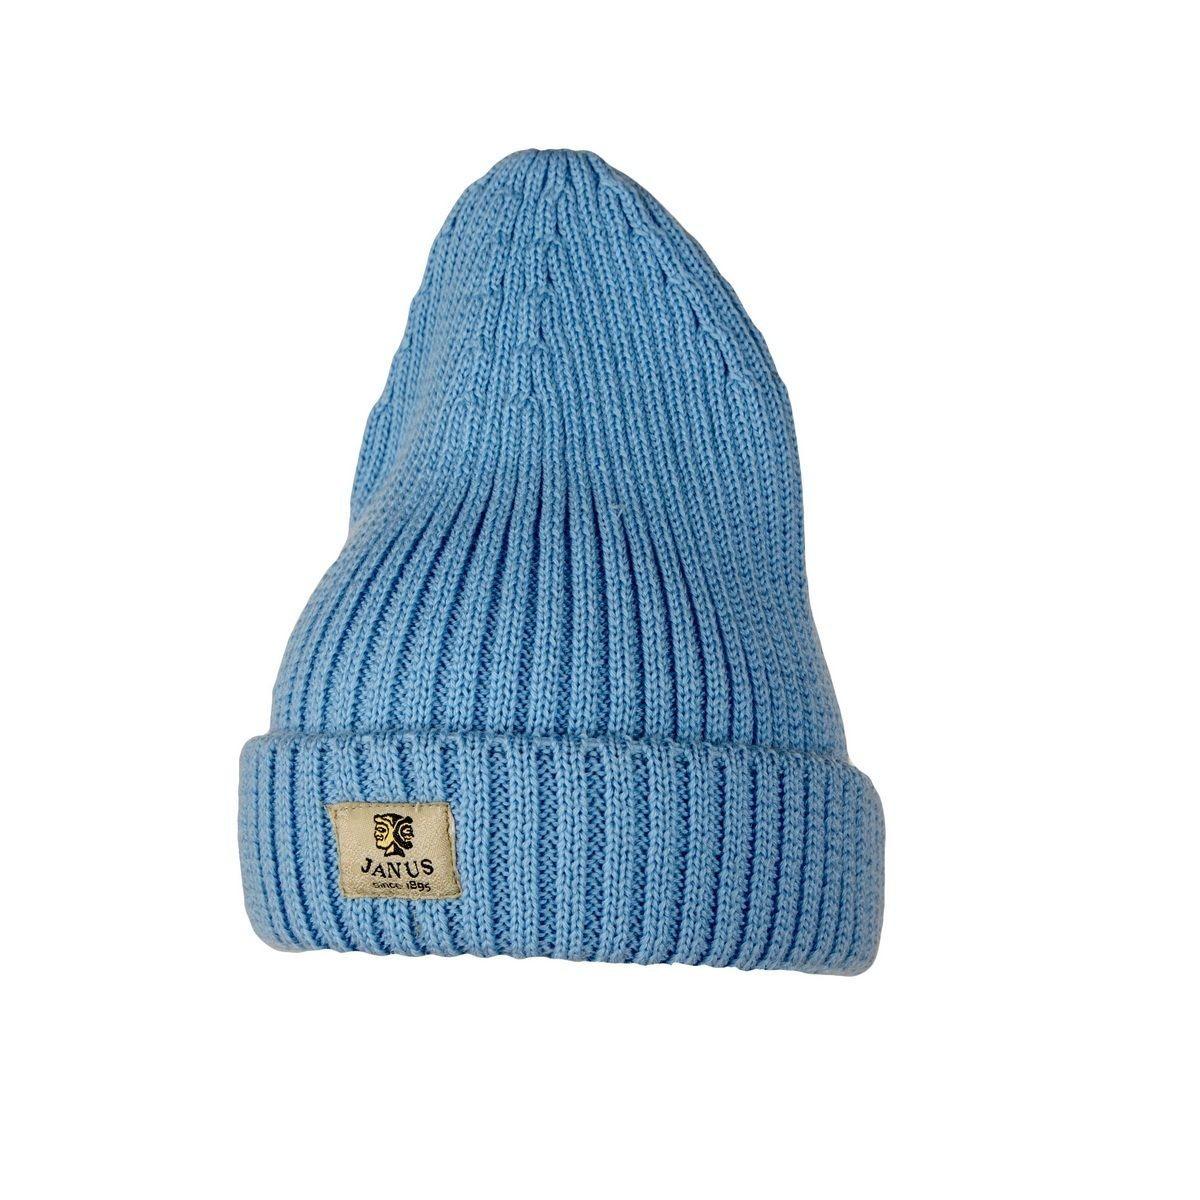 Шапка Janus (светло-голубой) 8081-413